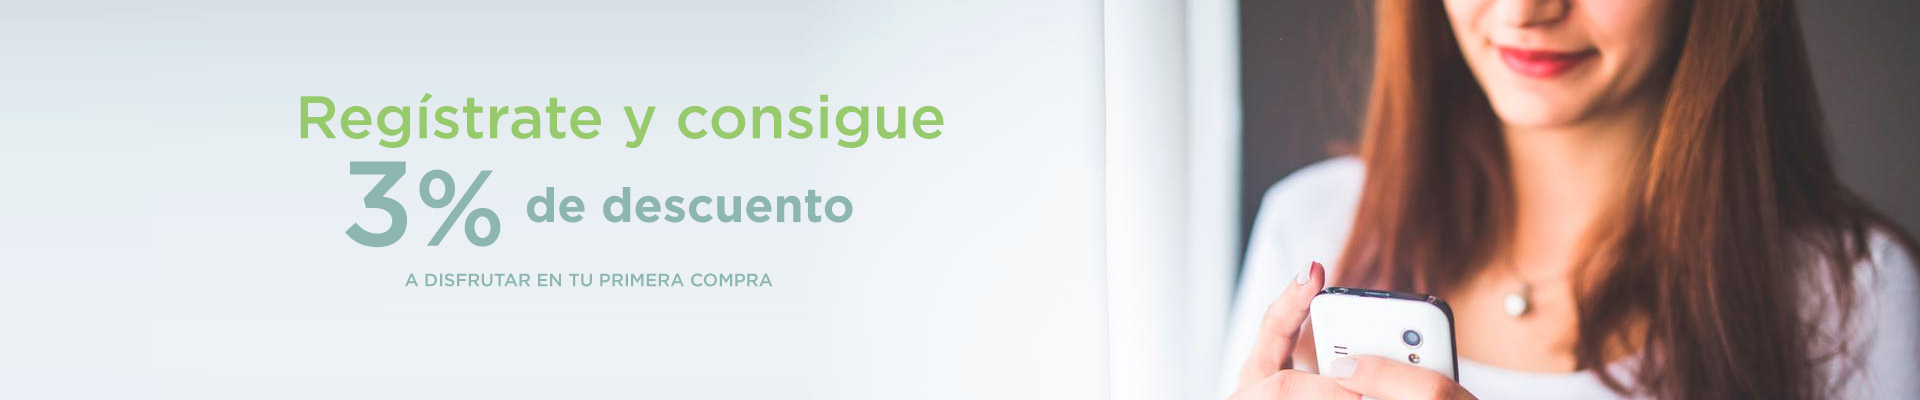 Descuento del 3% por registrarse en la Farmacia Sandra García de la Mata